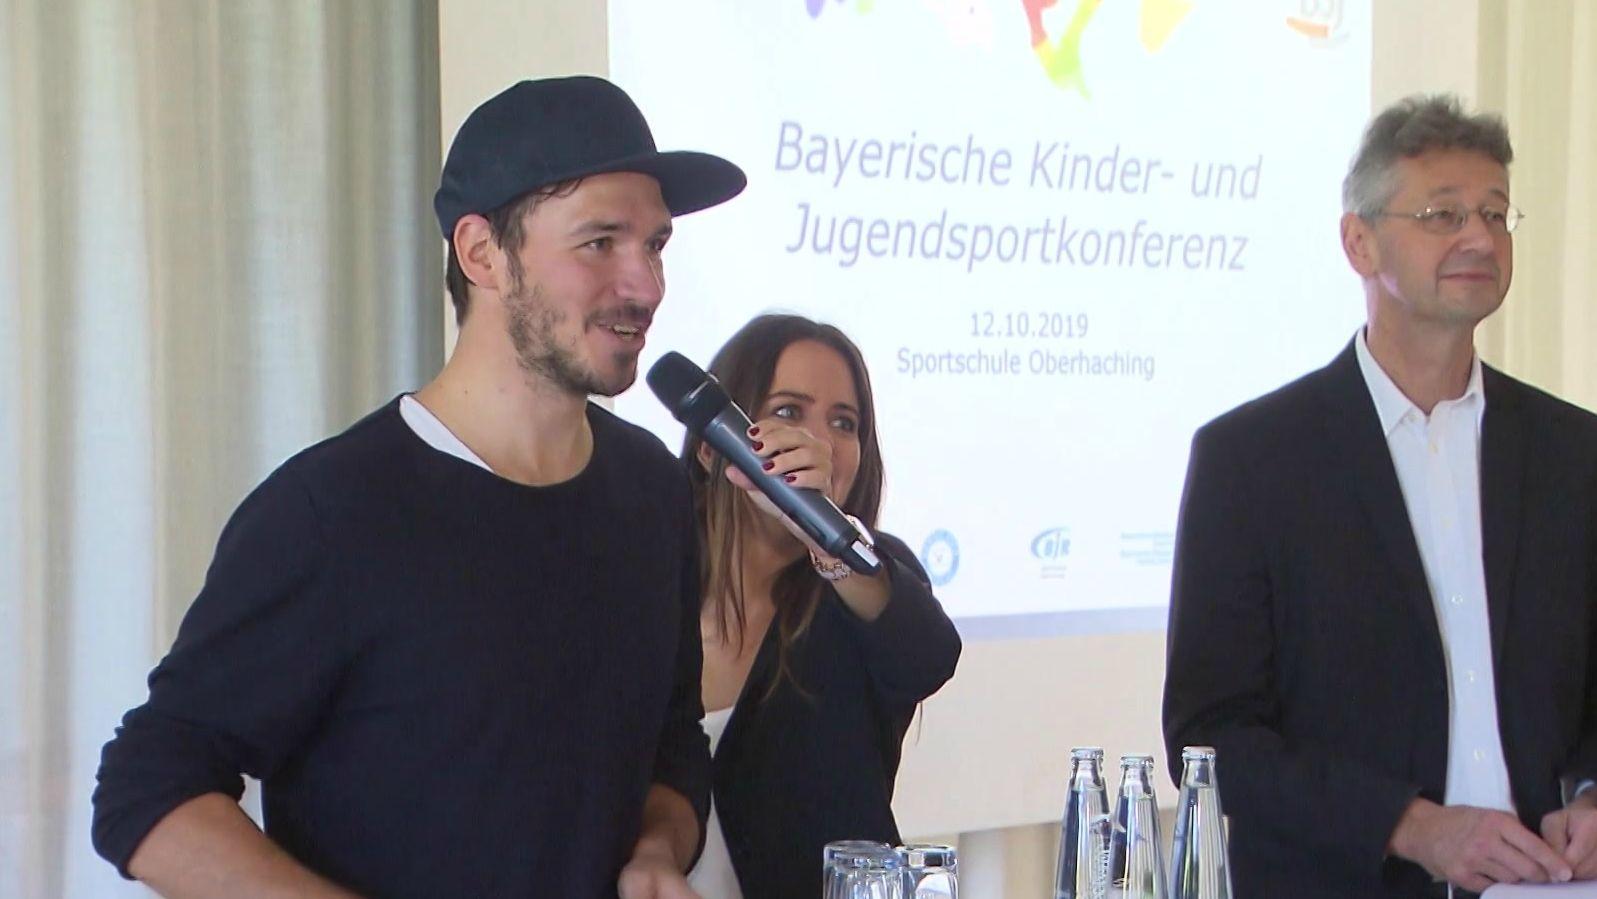 Felix Neureuther und Kukltusminister Michael Piazolo bei der Bayerischen Kinder- und Jugendsportkonferenz